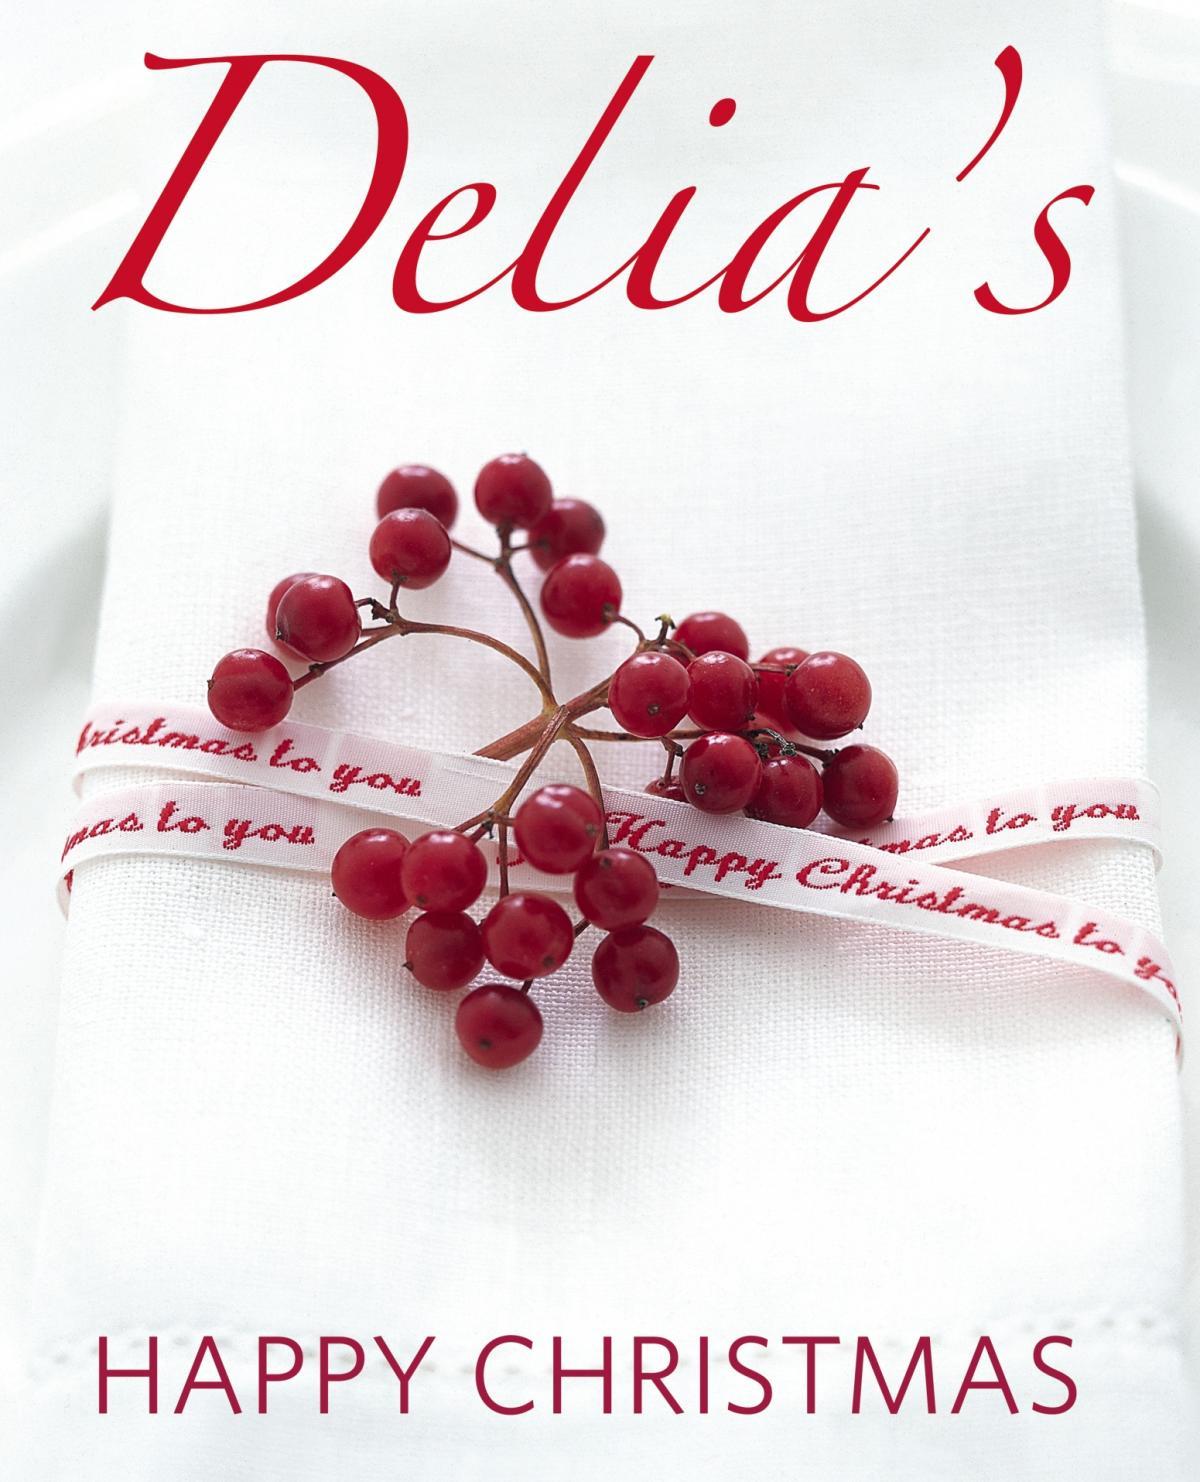 A picture of Delia's Delia's Happy Christmas recipes